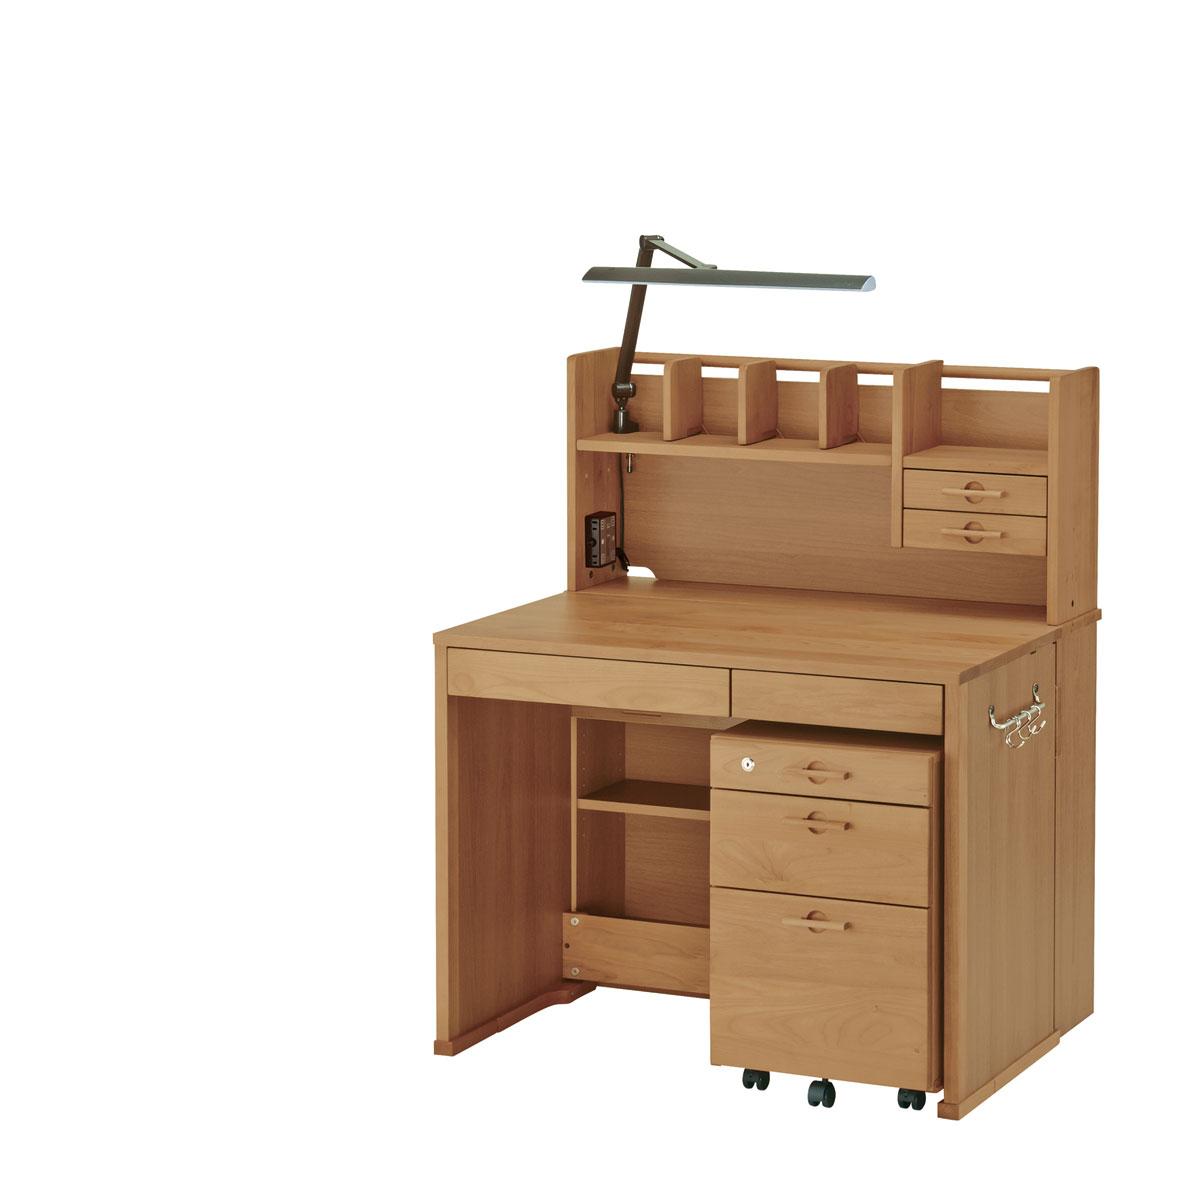 イトーキ リーモ 組みかえ型デスク 机天板高さ/76cm ティーブラウン NAH-F01-L77UAS